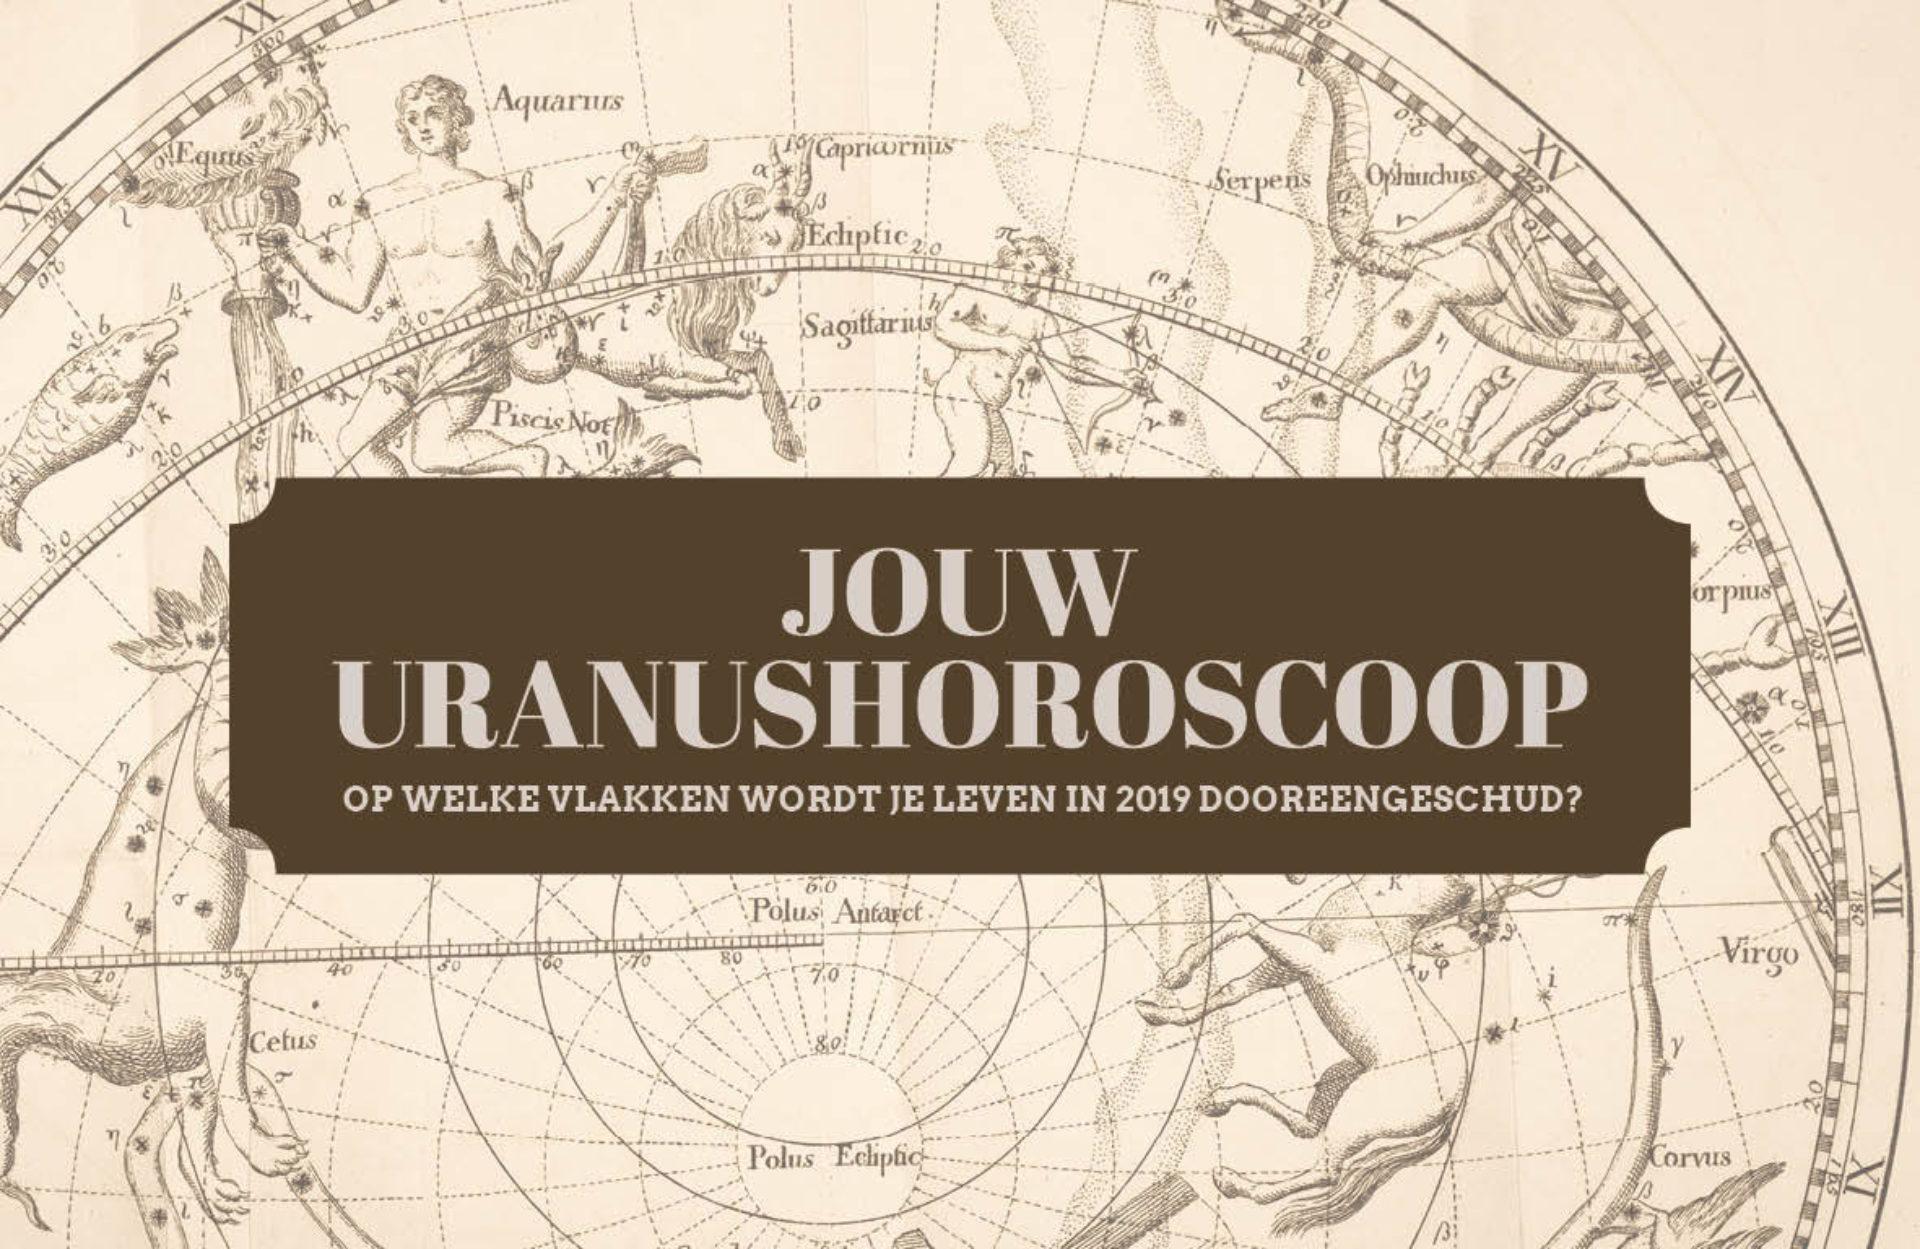 Jouw Uranushoroscoop 2019: de vernieuwer in je leven